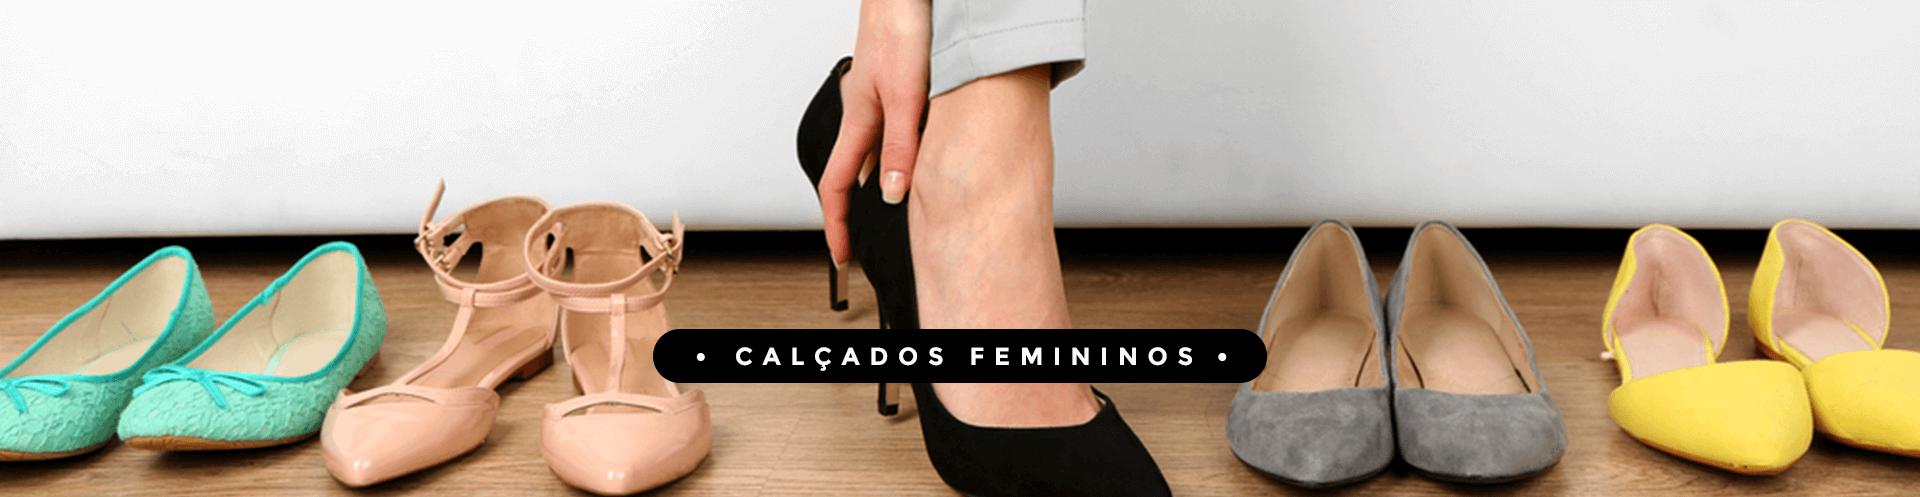 banner-vitrine-calcados-femininos